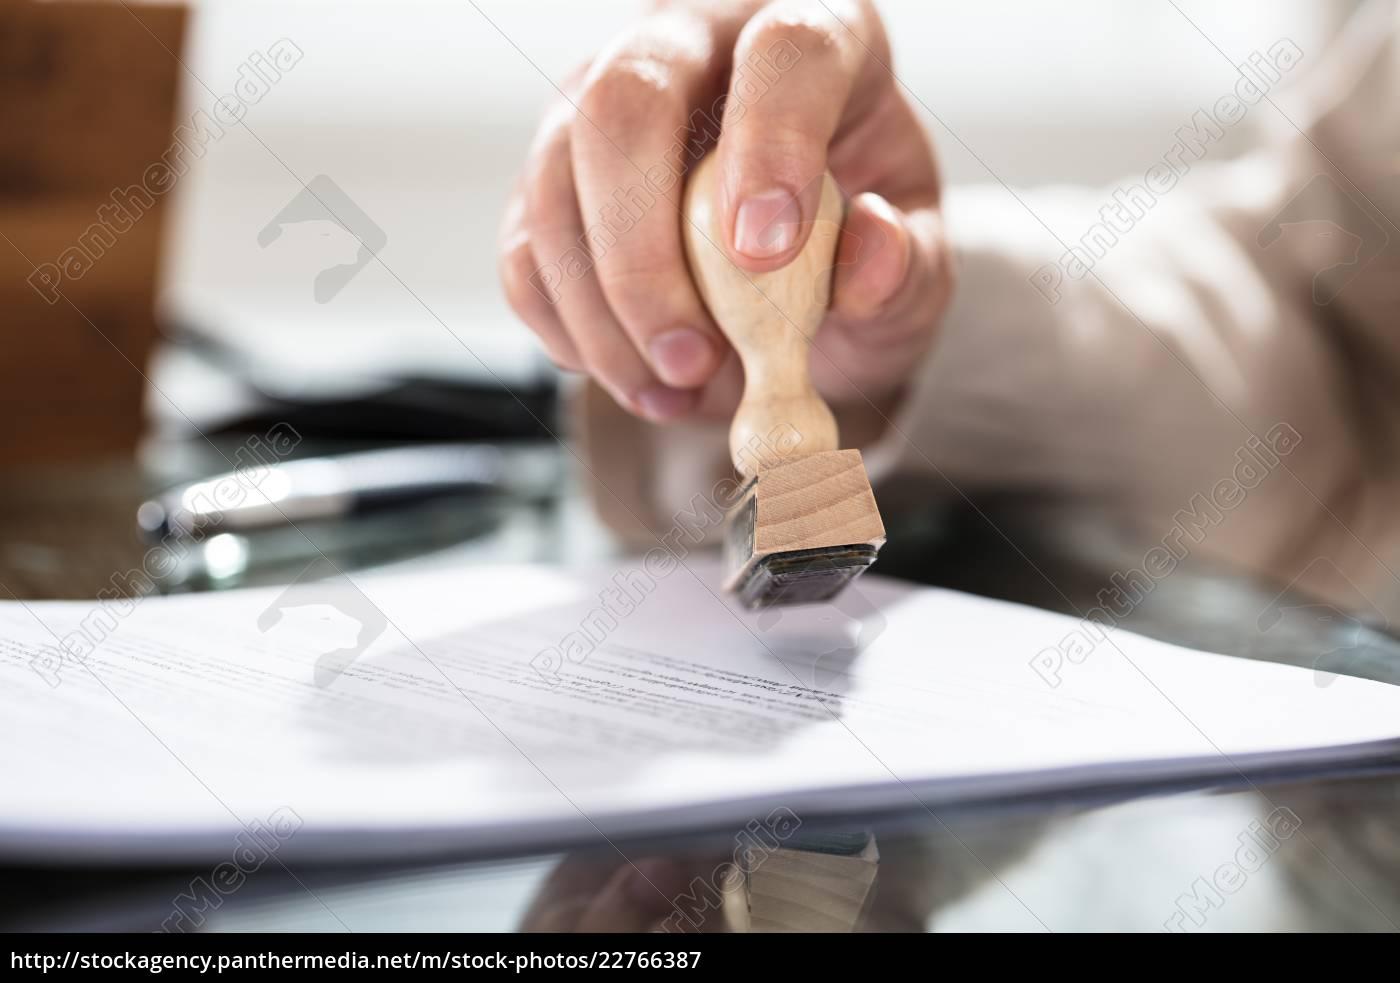 nahaufnahme, eines, person, stempeln, auf, dokument - 22766387